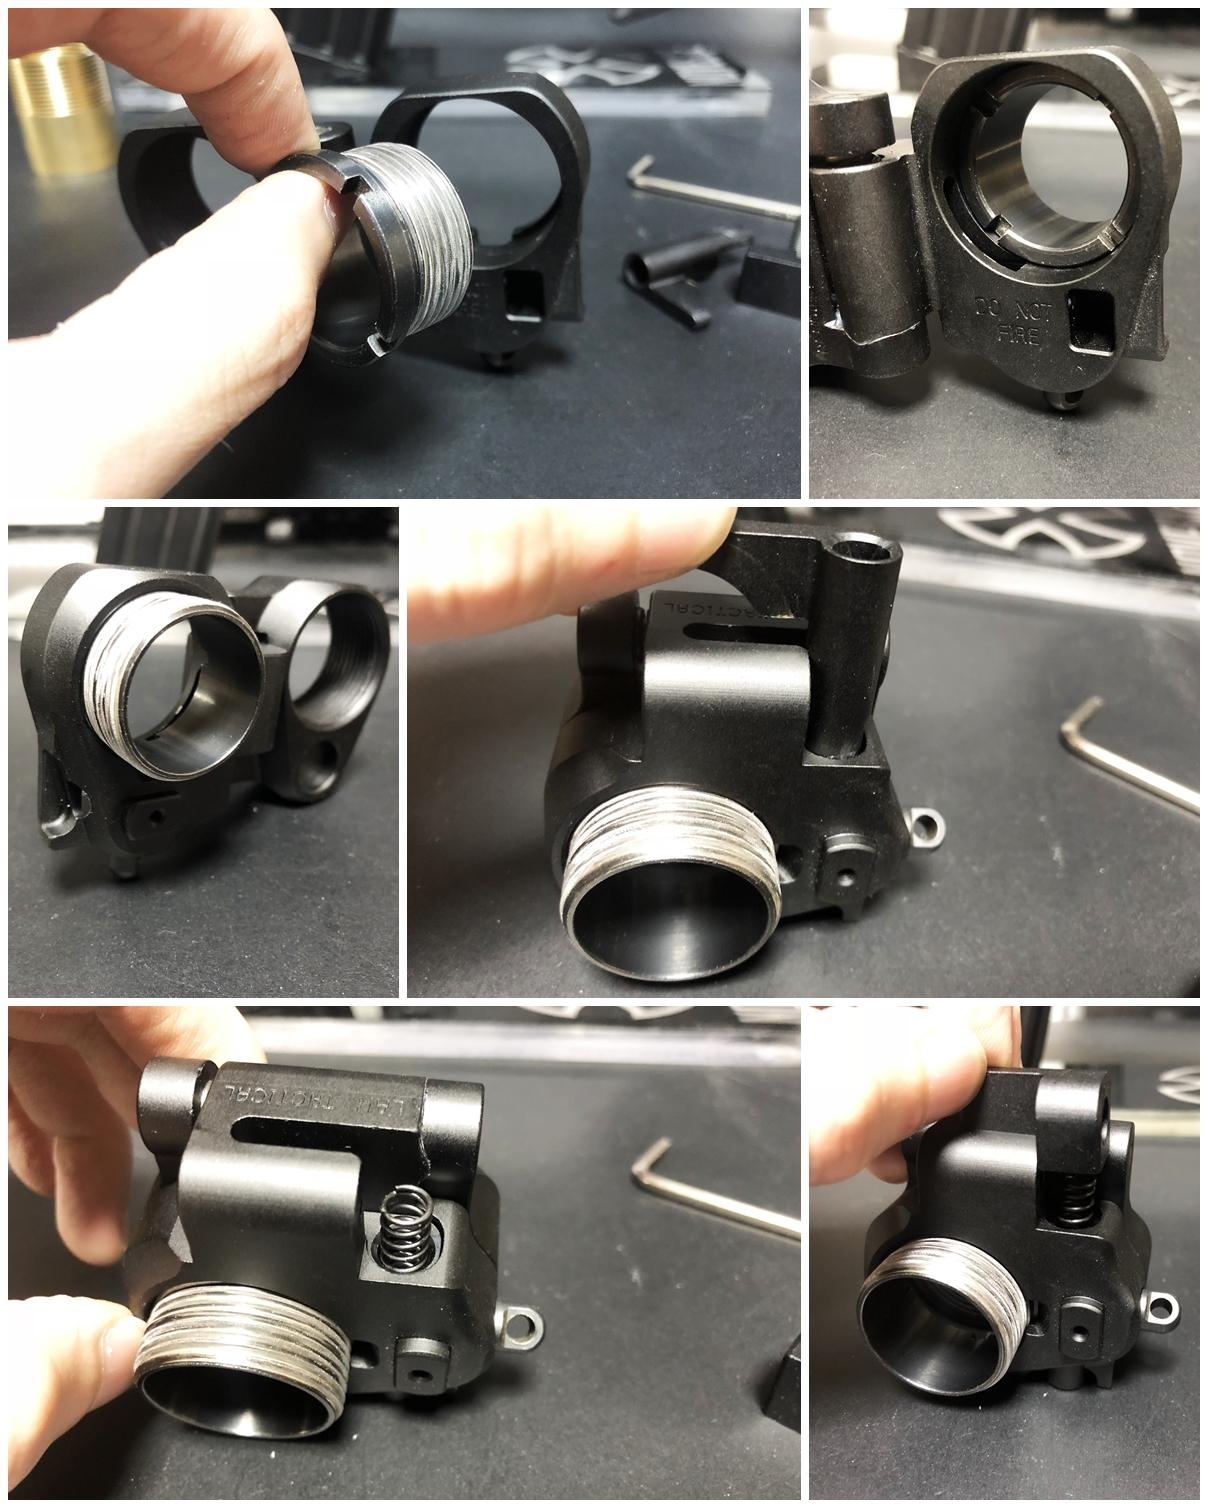 12 次世代 M4 CQB-R 電動ガン 実物 KAK ストック 取付 改造 カスタム 大作戦 第五弾!! やっと加工を再開!! 実銃 ストックパイプ AR フォールディング アダプター ダイス ネジ タップ 切り 加工 仮組 取付 道具 購入